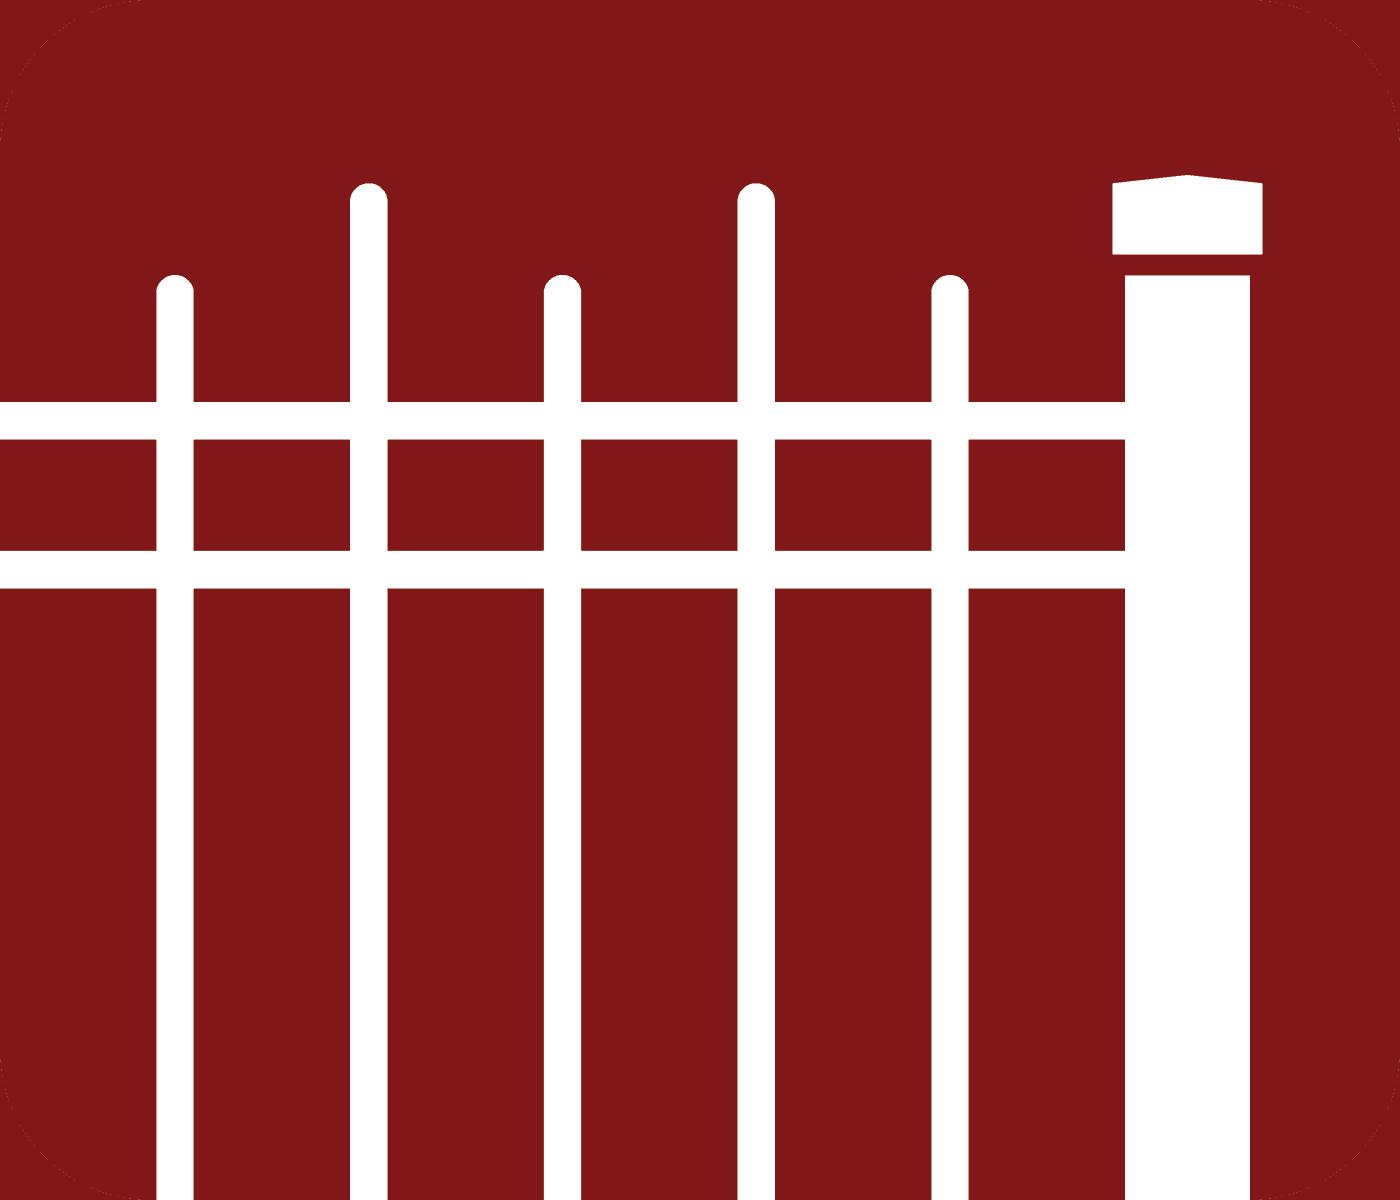 Aluminum Fence Type Icon